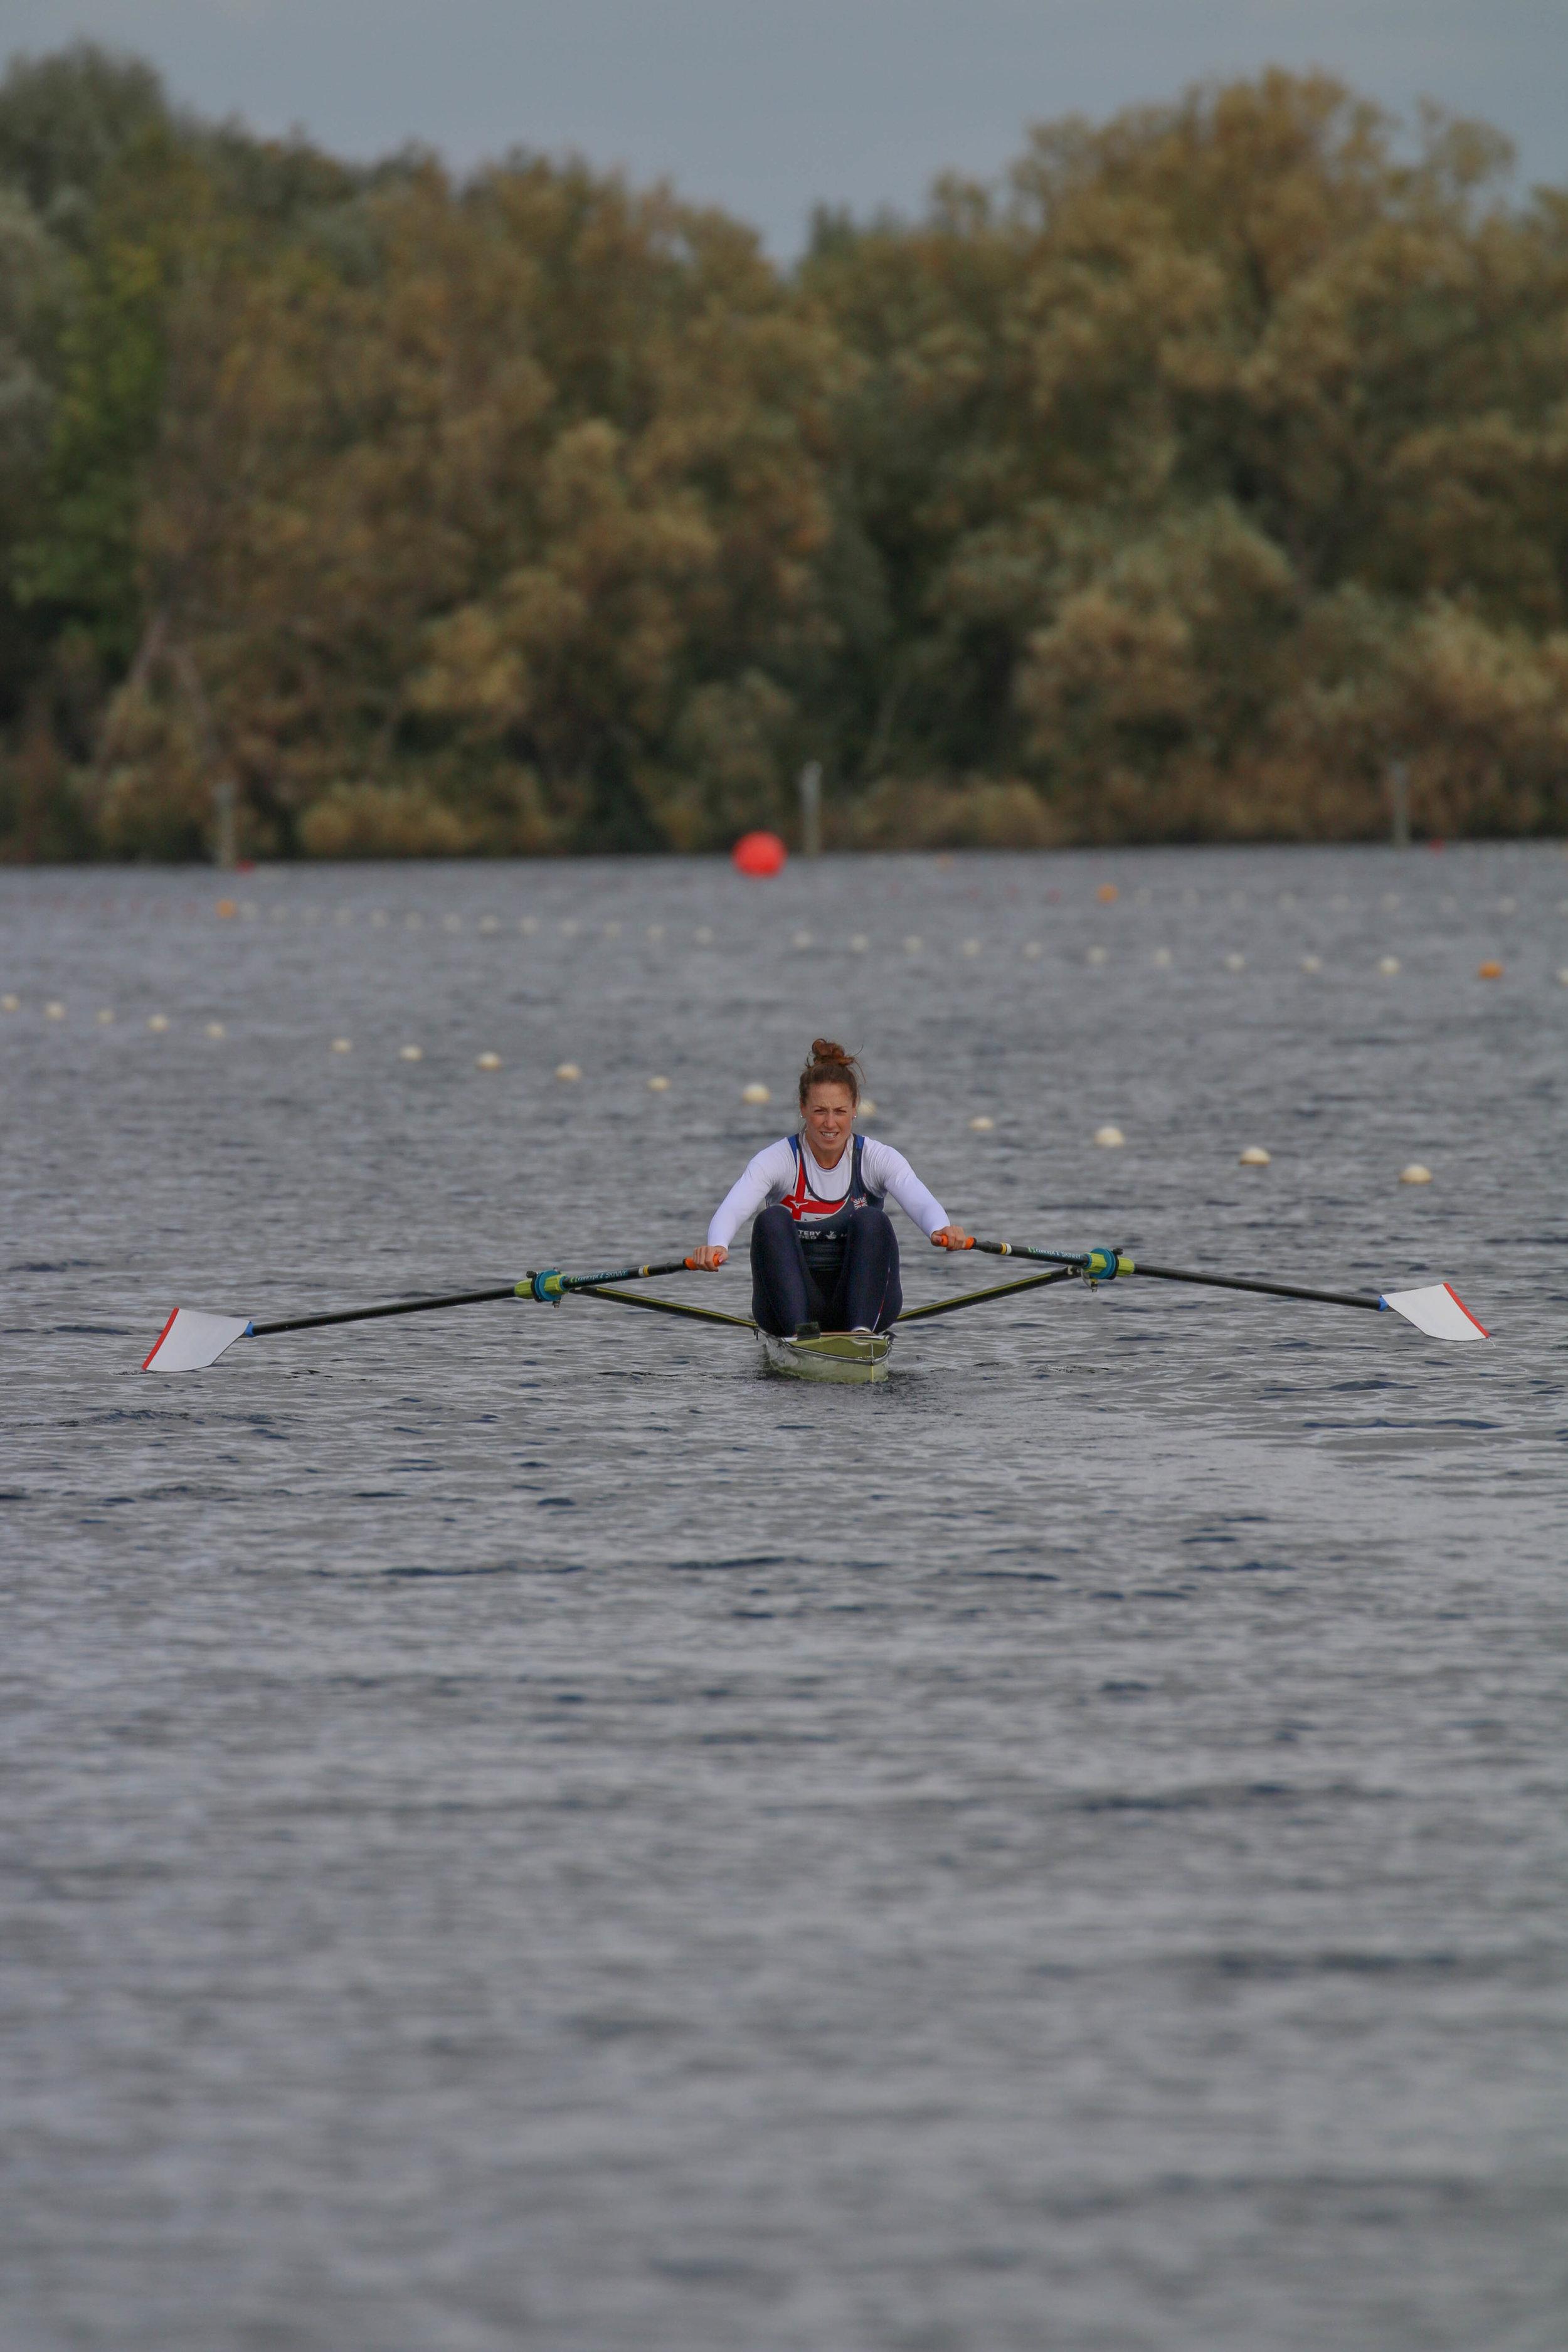 womens-sport-karen-bennett-rowing-athlete21.jpg